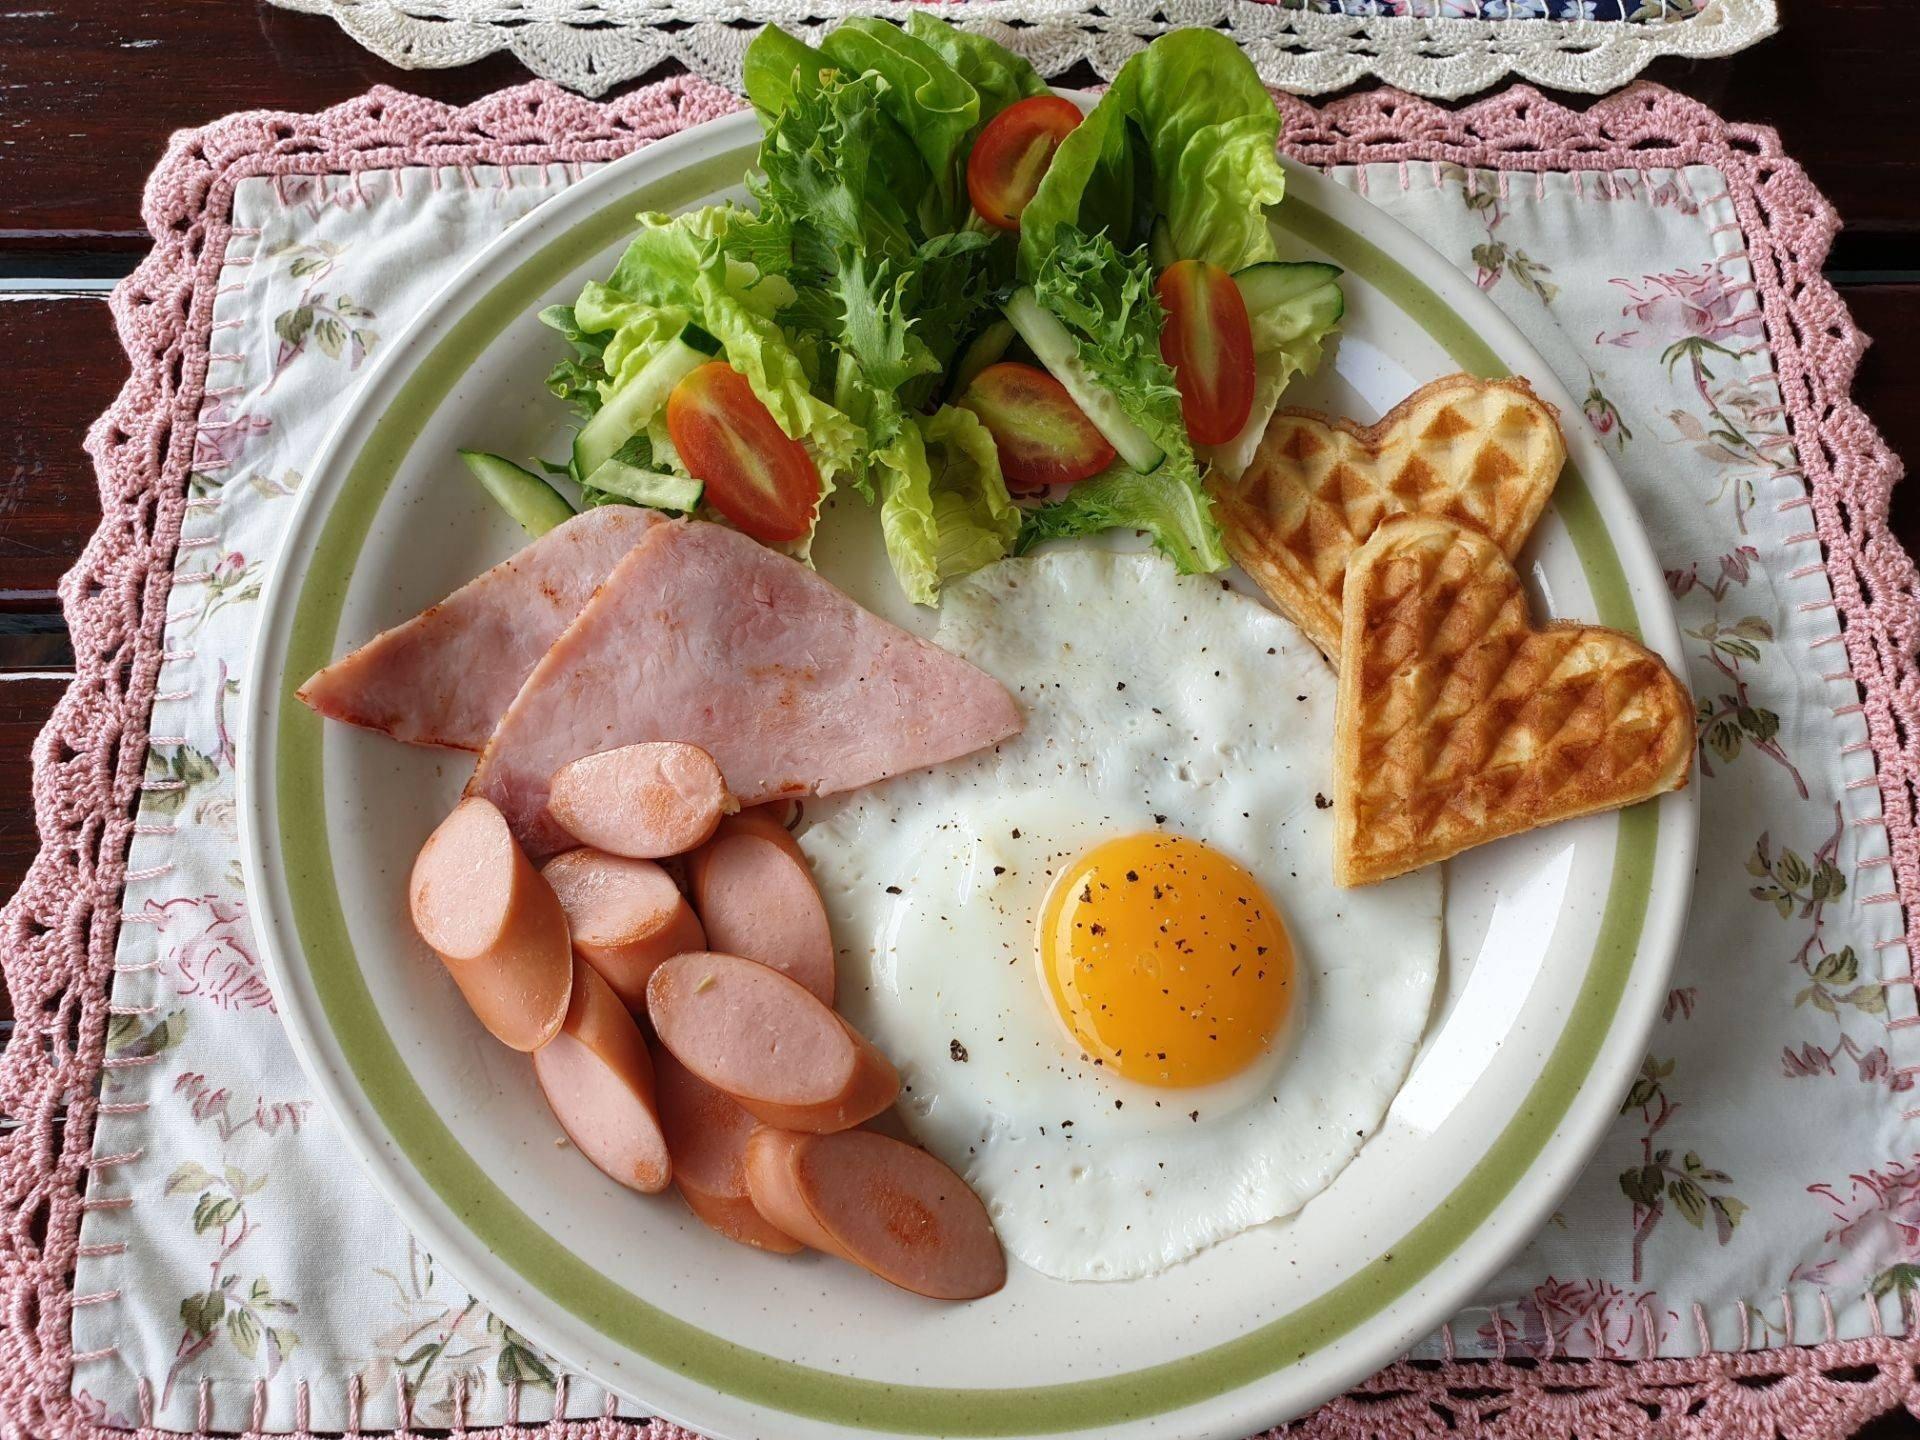 บ้านป้าหลายอาหารเช้า